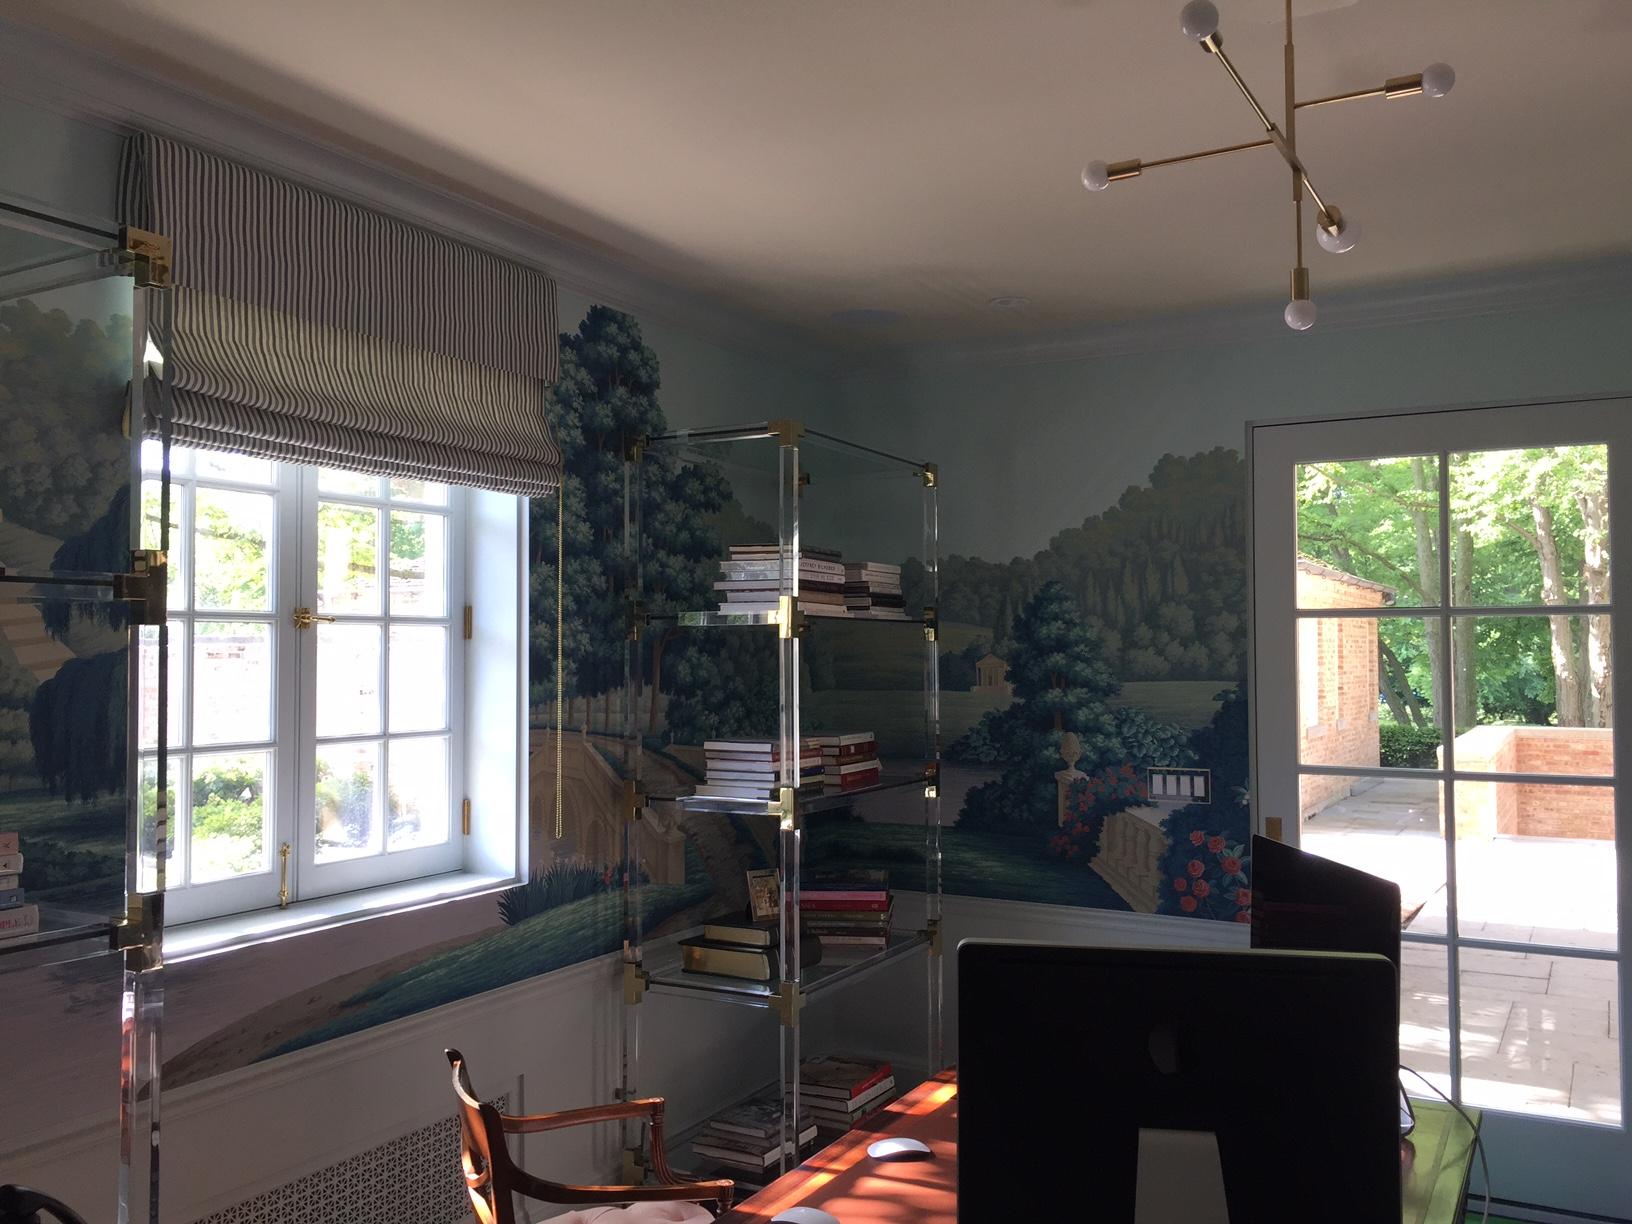 Chicago Wallpaper Hanger